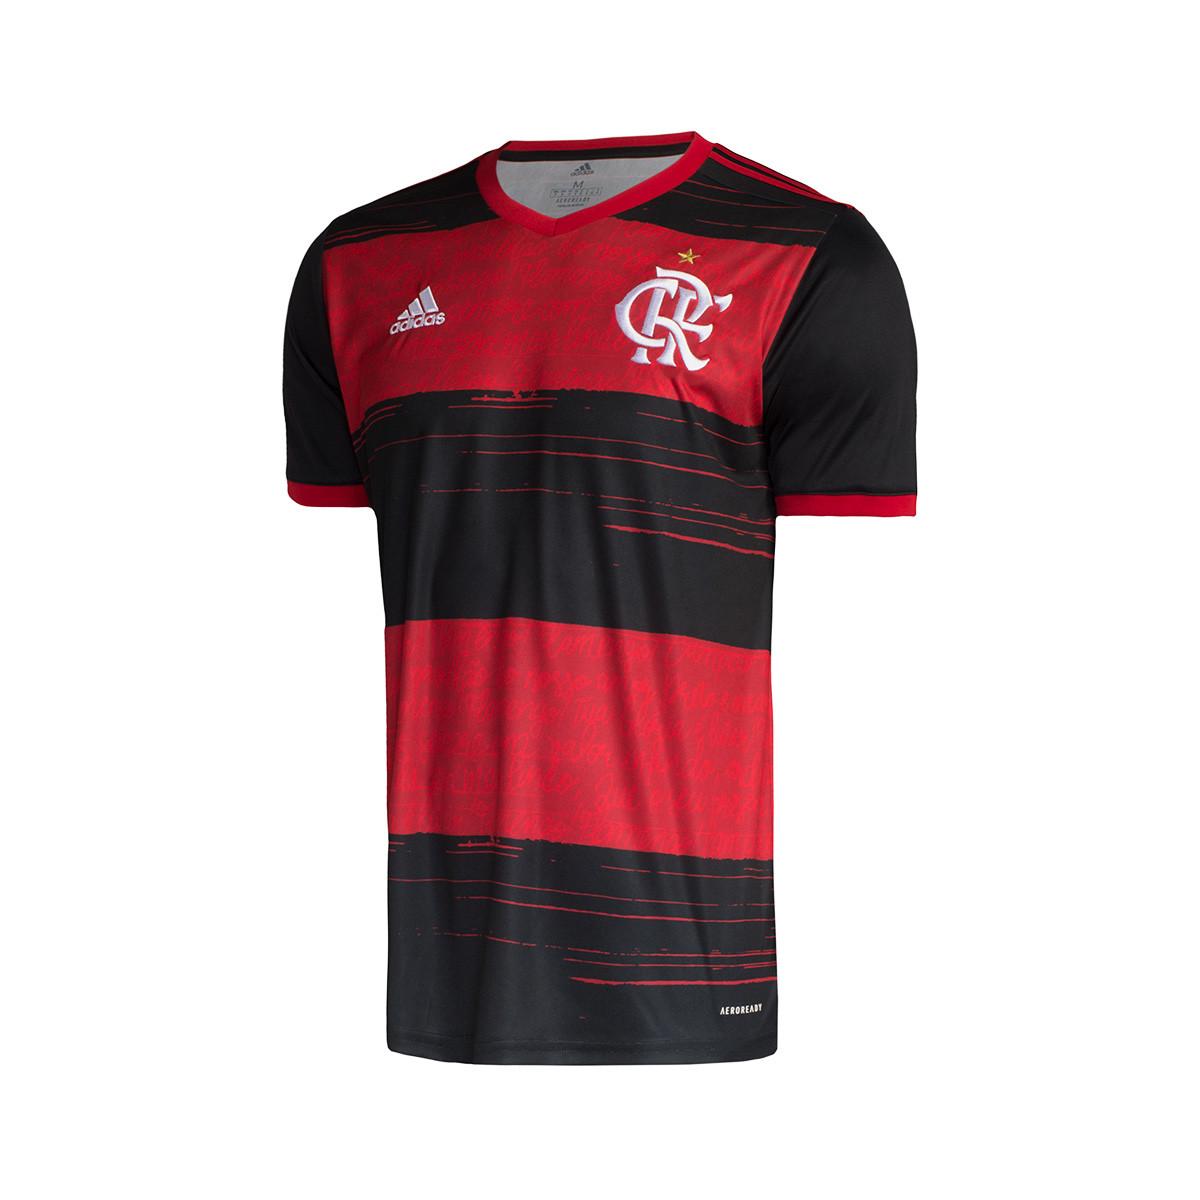 Camisola adidas Flamengo Equipamento Principal 2020 2021